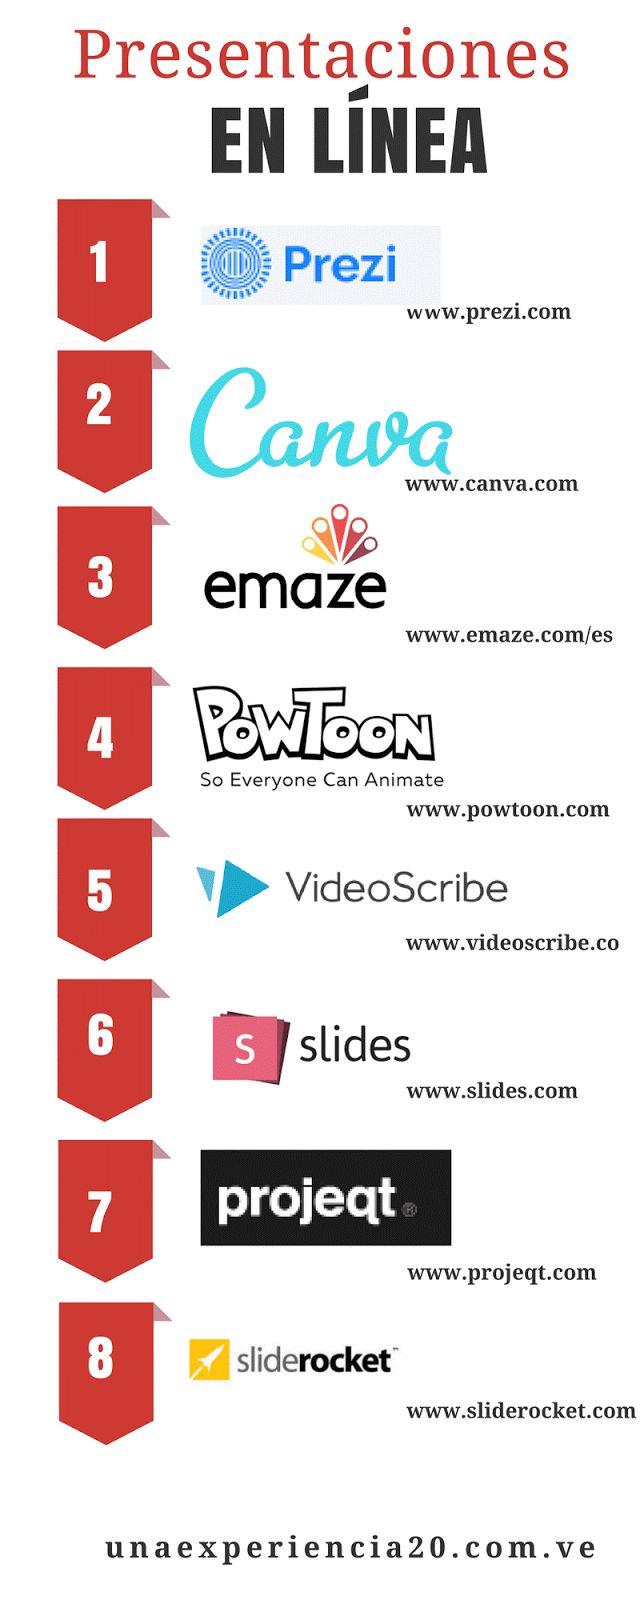 Herramientas para hacer presentaciones en línea #Infografía